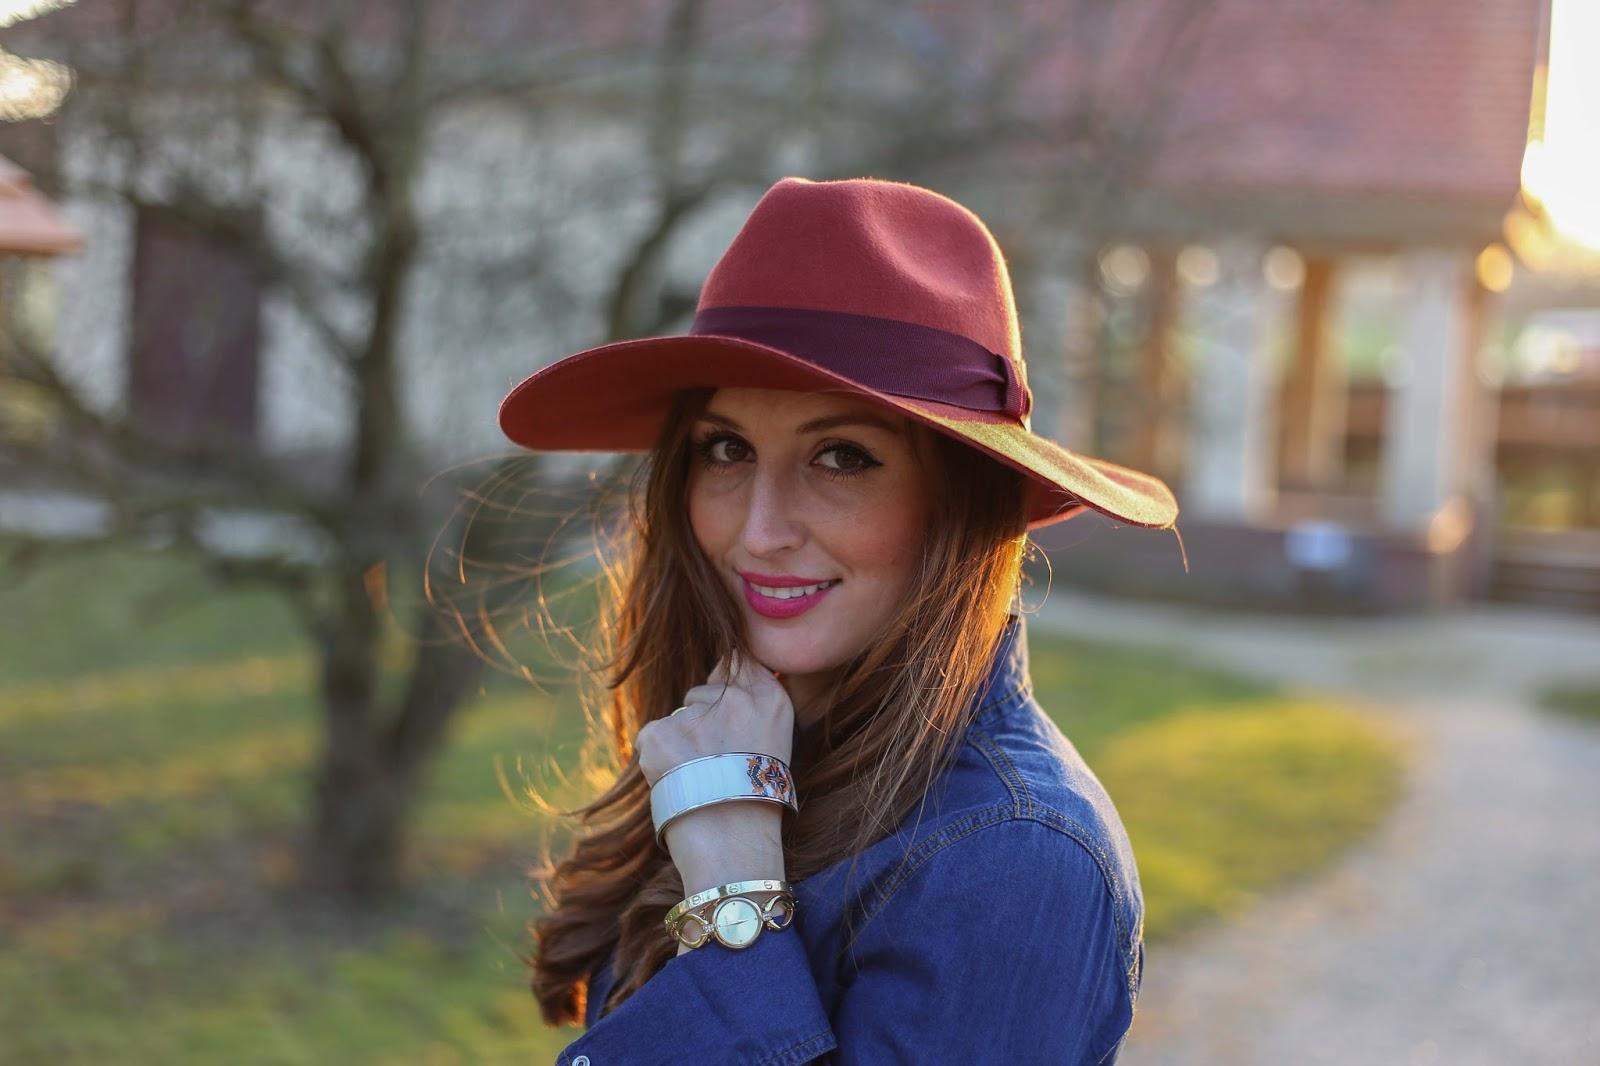 H&M Hut- Denim Look - Denim - Pinke Schuhe - Pinke Schuhe von Peter Kaiser Iris - Fashionblogger aus Deutschland